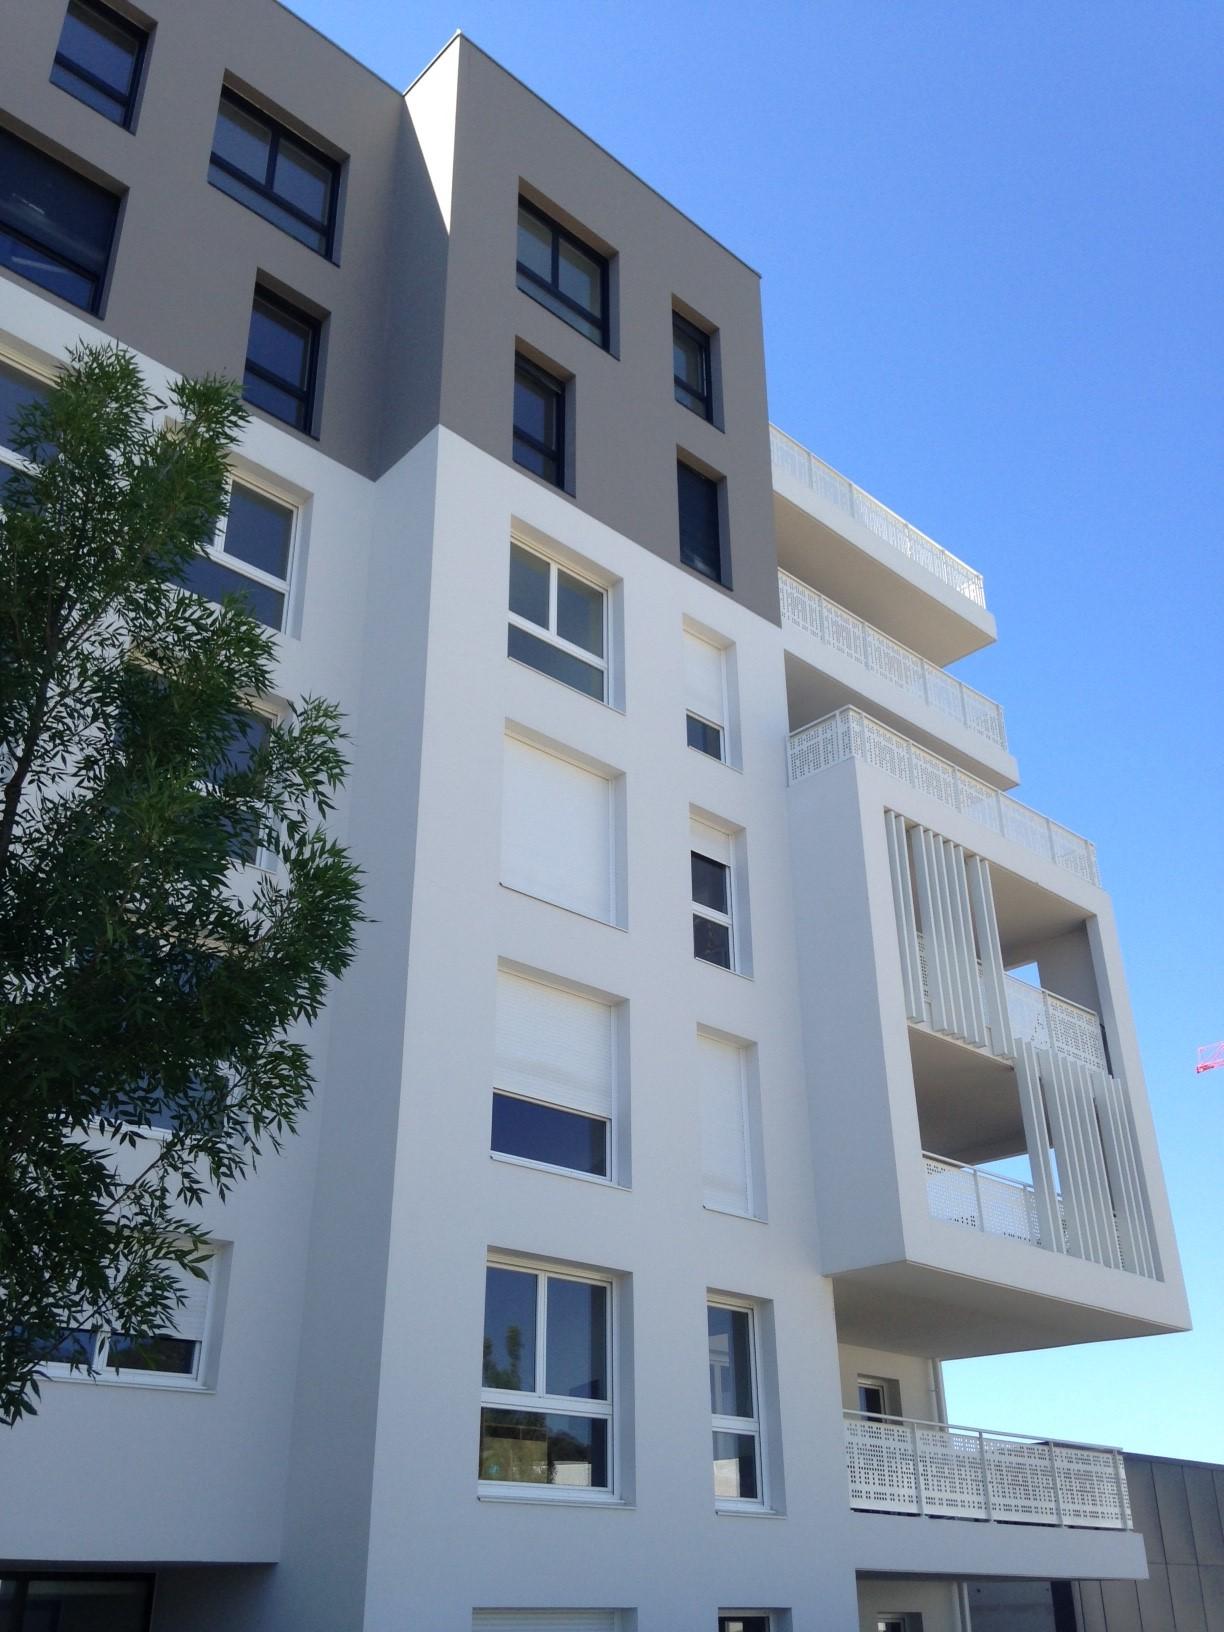 Façade -87 Logements La Valette par AAPL architecte DPLG VAR